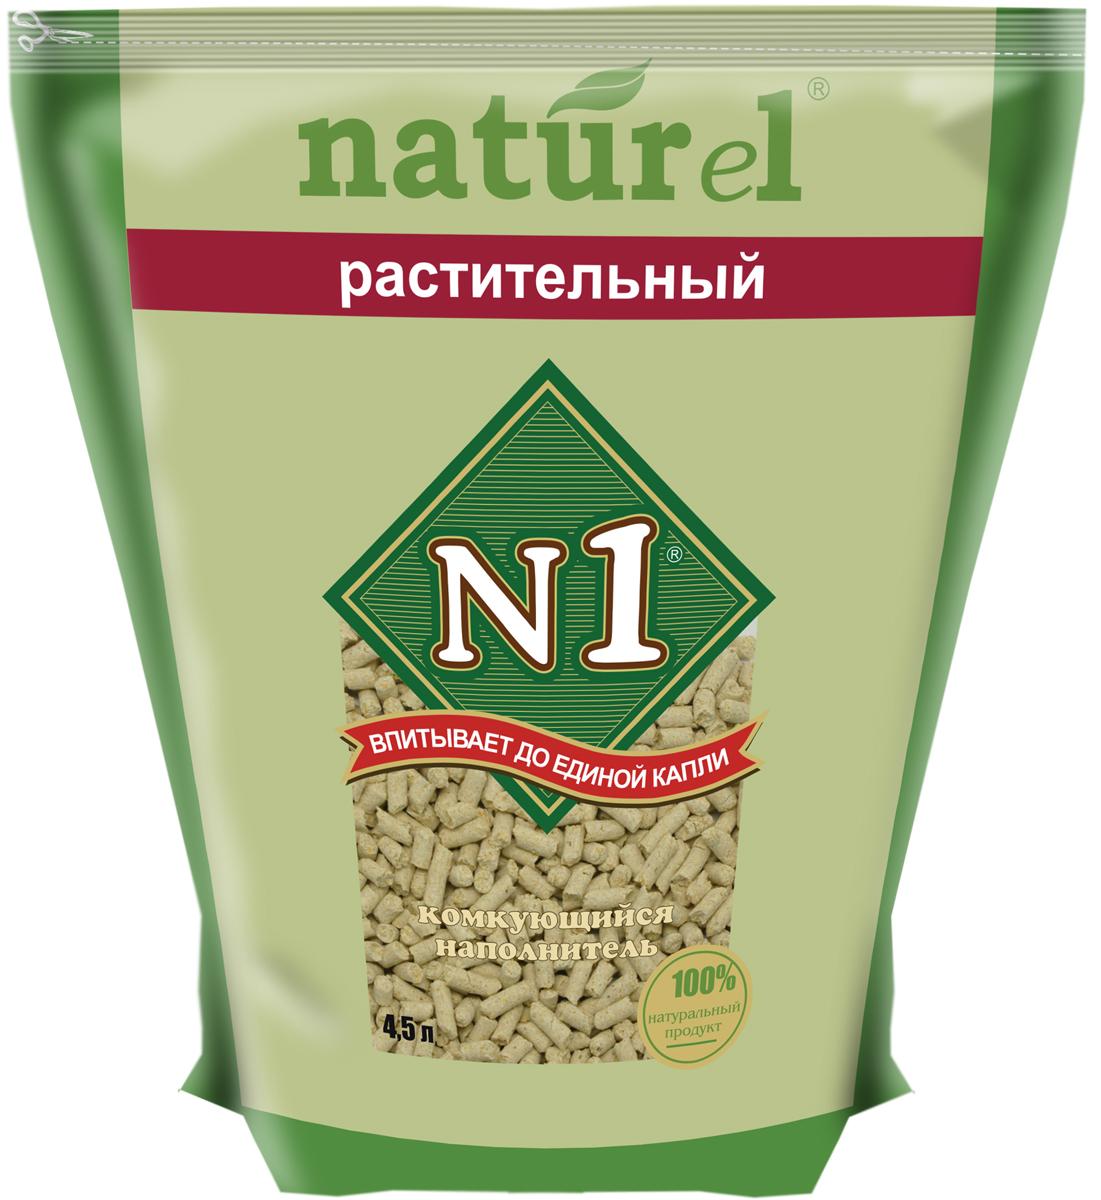 """Наполнитель для кошачьего туалета №1 """"Naturel. Растительный"""", комкующийся, 4,5 л"""